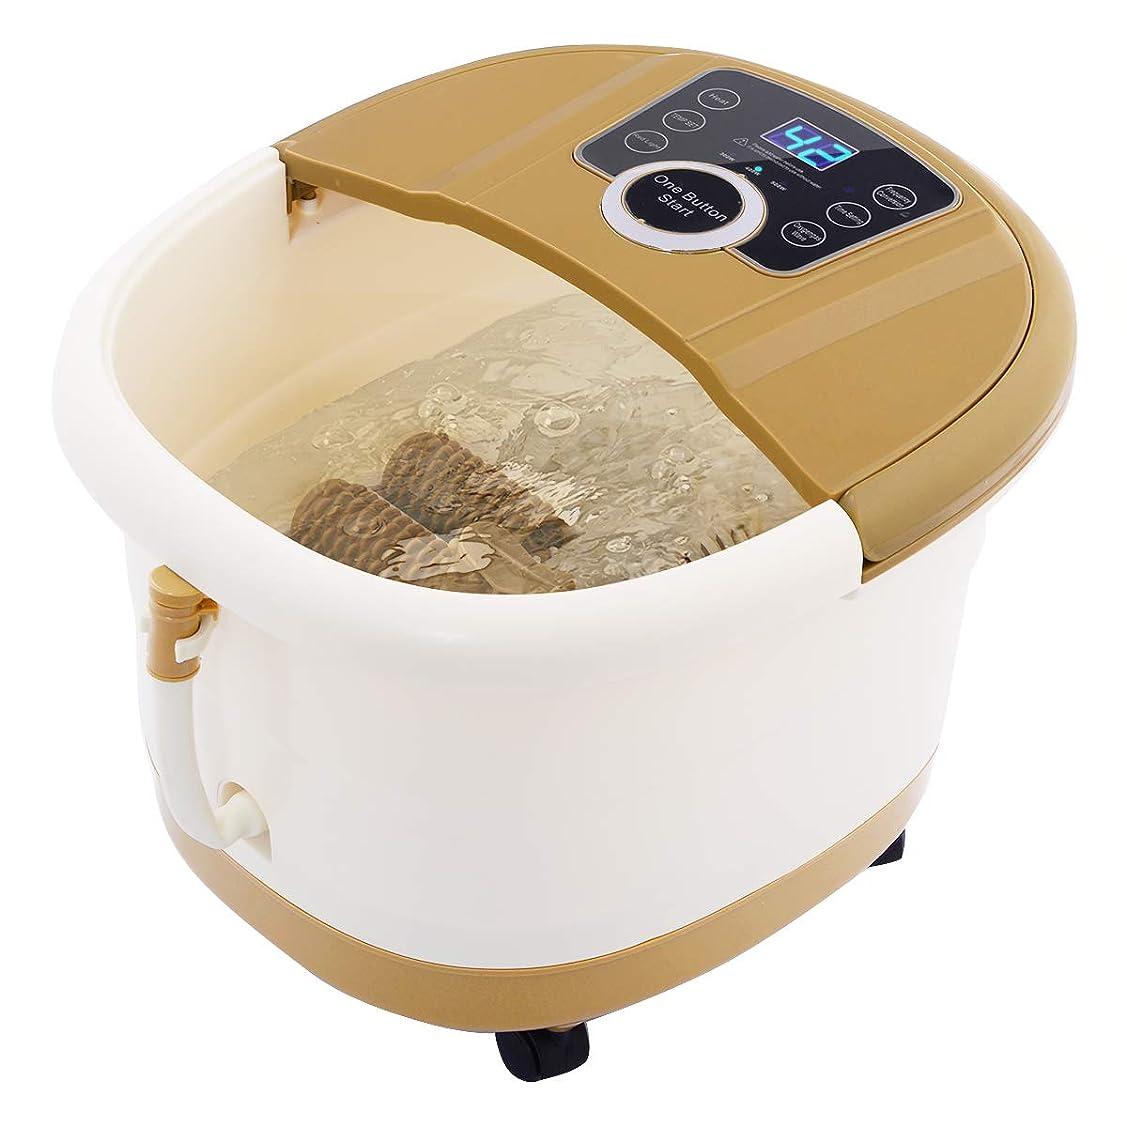 エゴマニア後ろにスナックGiantex Portable Foot Spa Bath Massager Bubble Heat LED Display Infrared Relax フットバス 足湯器 フットスパ 電動 自動保温